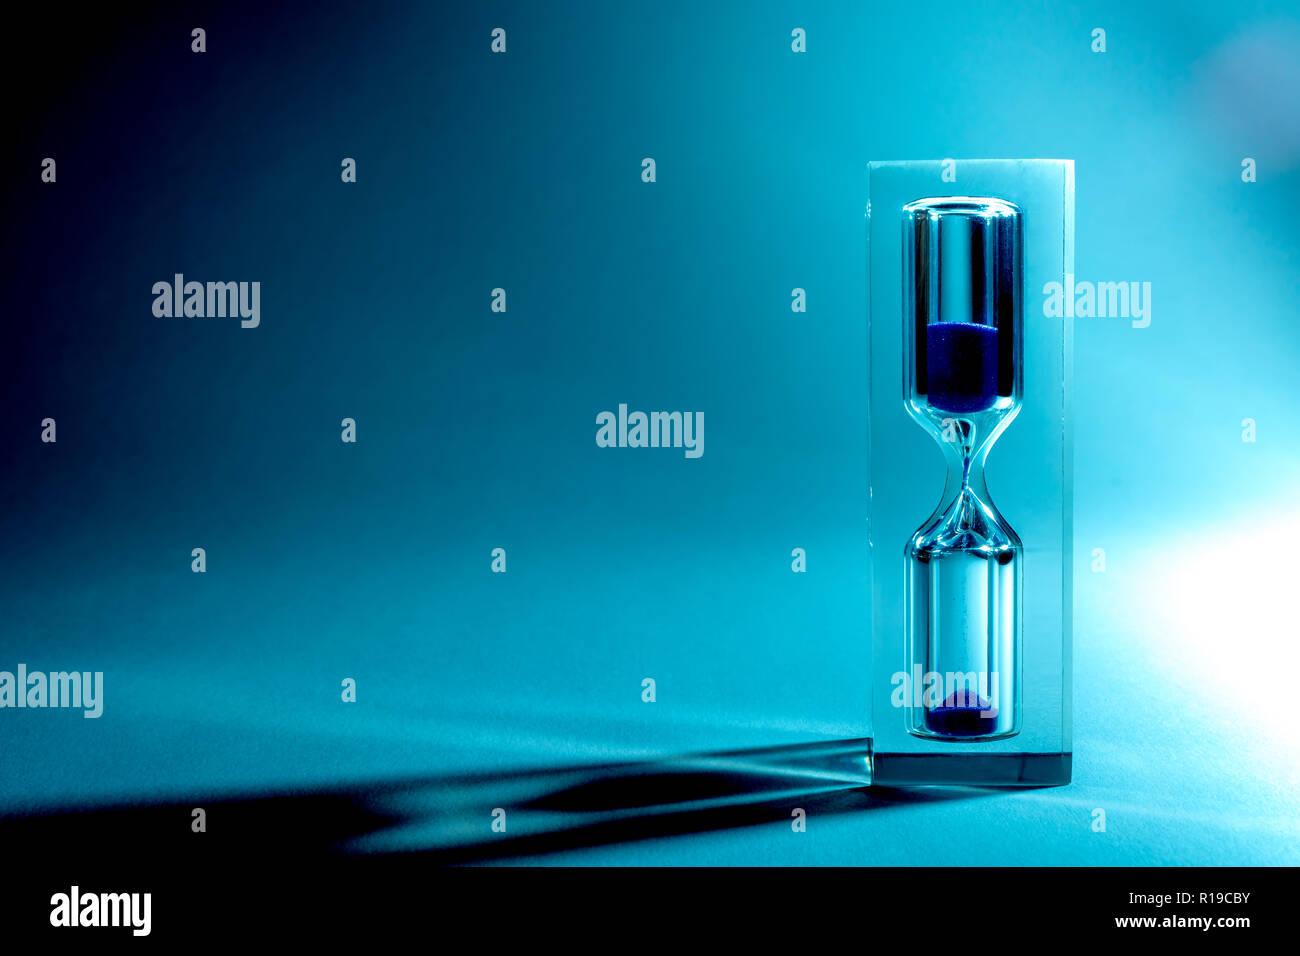 Sablier Hourglass avec ombres et l'éblouissement du soleil sur un fond bleu. Old style retro vintage photo. La texture du sable, la chute du sable. Banque D'Images